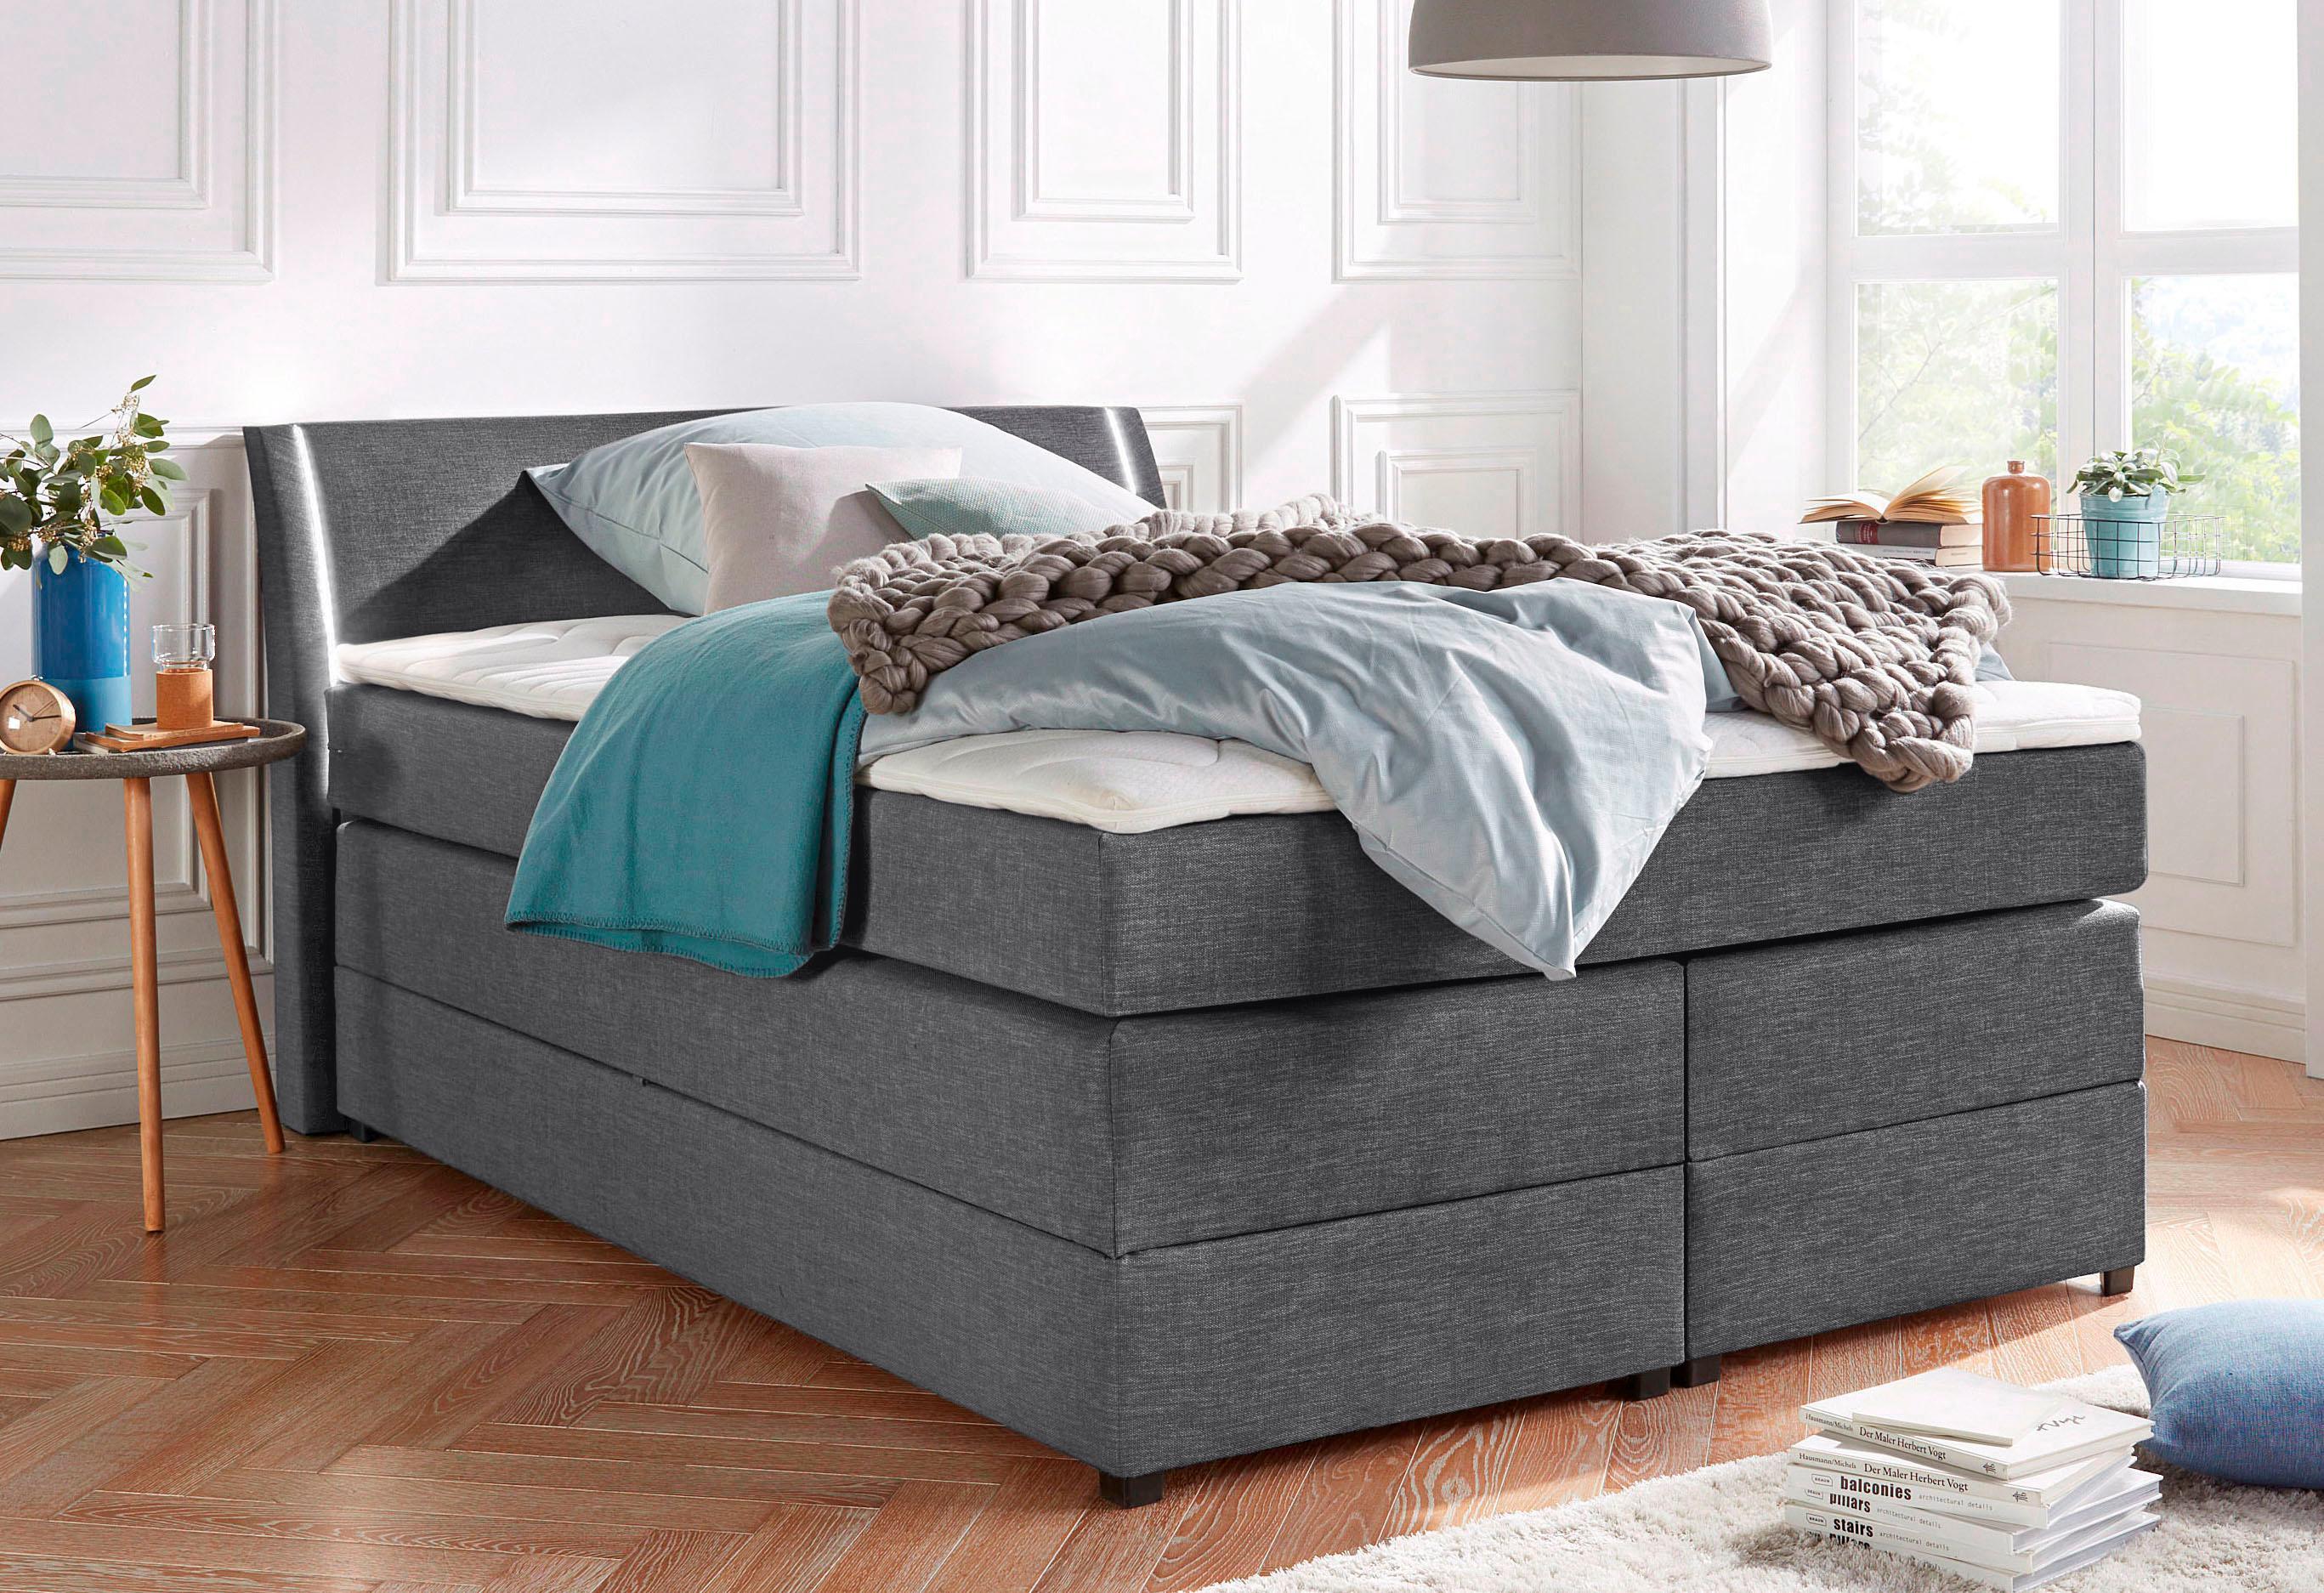 Breckle Boxspringbett mit Bettkasten und LED-Beleuchtung   Schlafzimmer > Betten > Boxspringbetten   Strukturstoff - Holz - Federn   BRECKLE